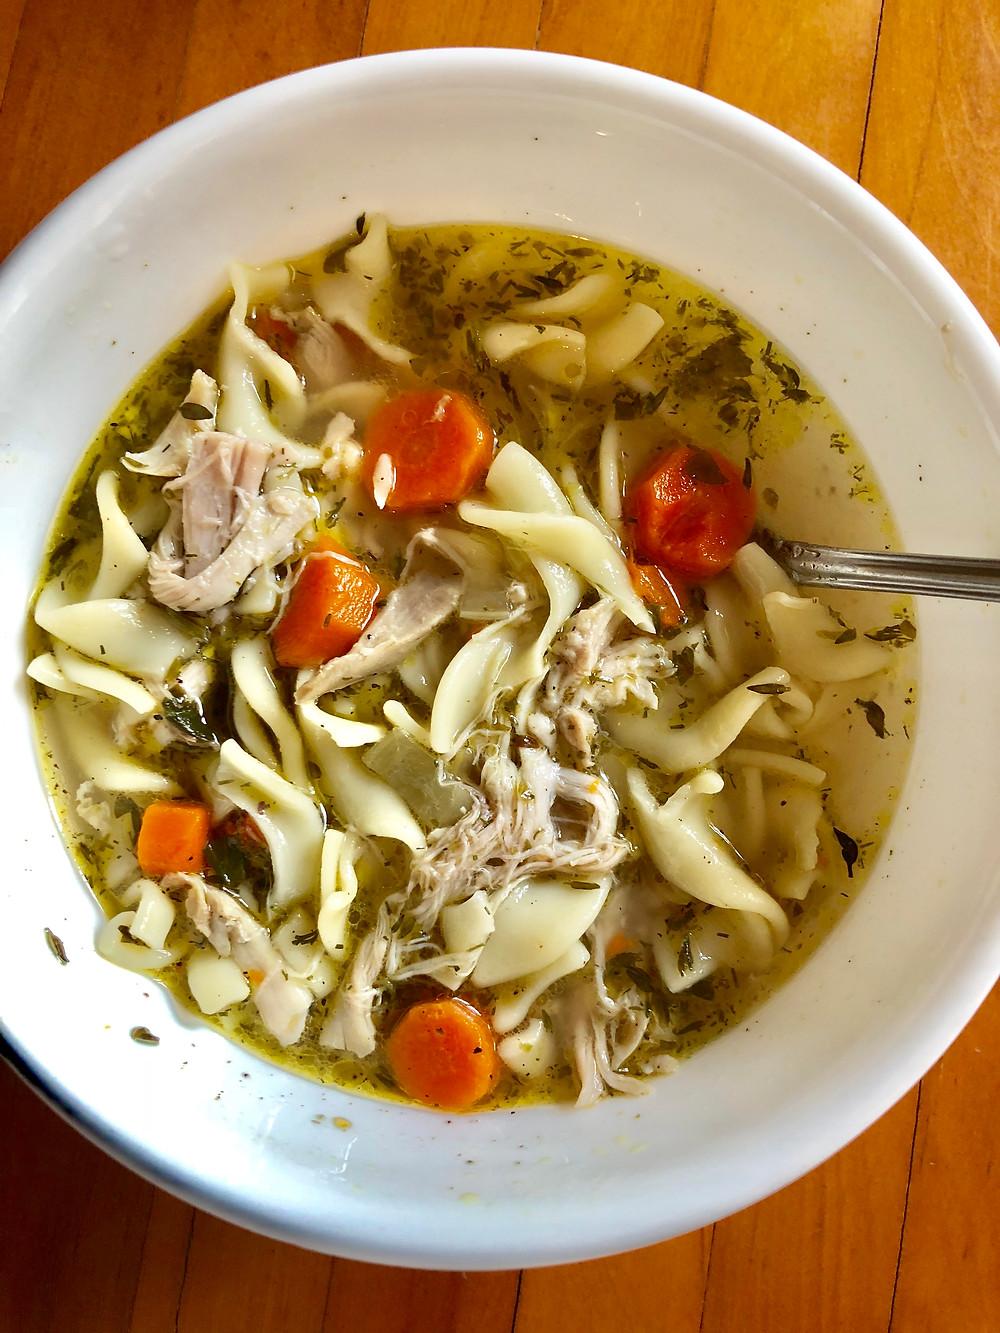 best chicken noodle soup recipes, Instant Pot chicken noodle soup, J Cooks, Curious G and Me